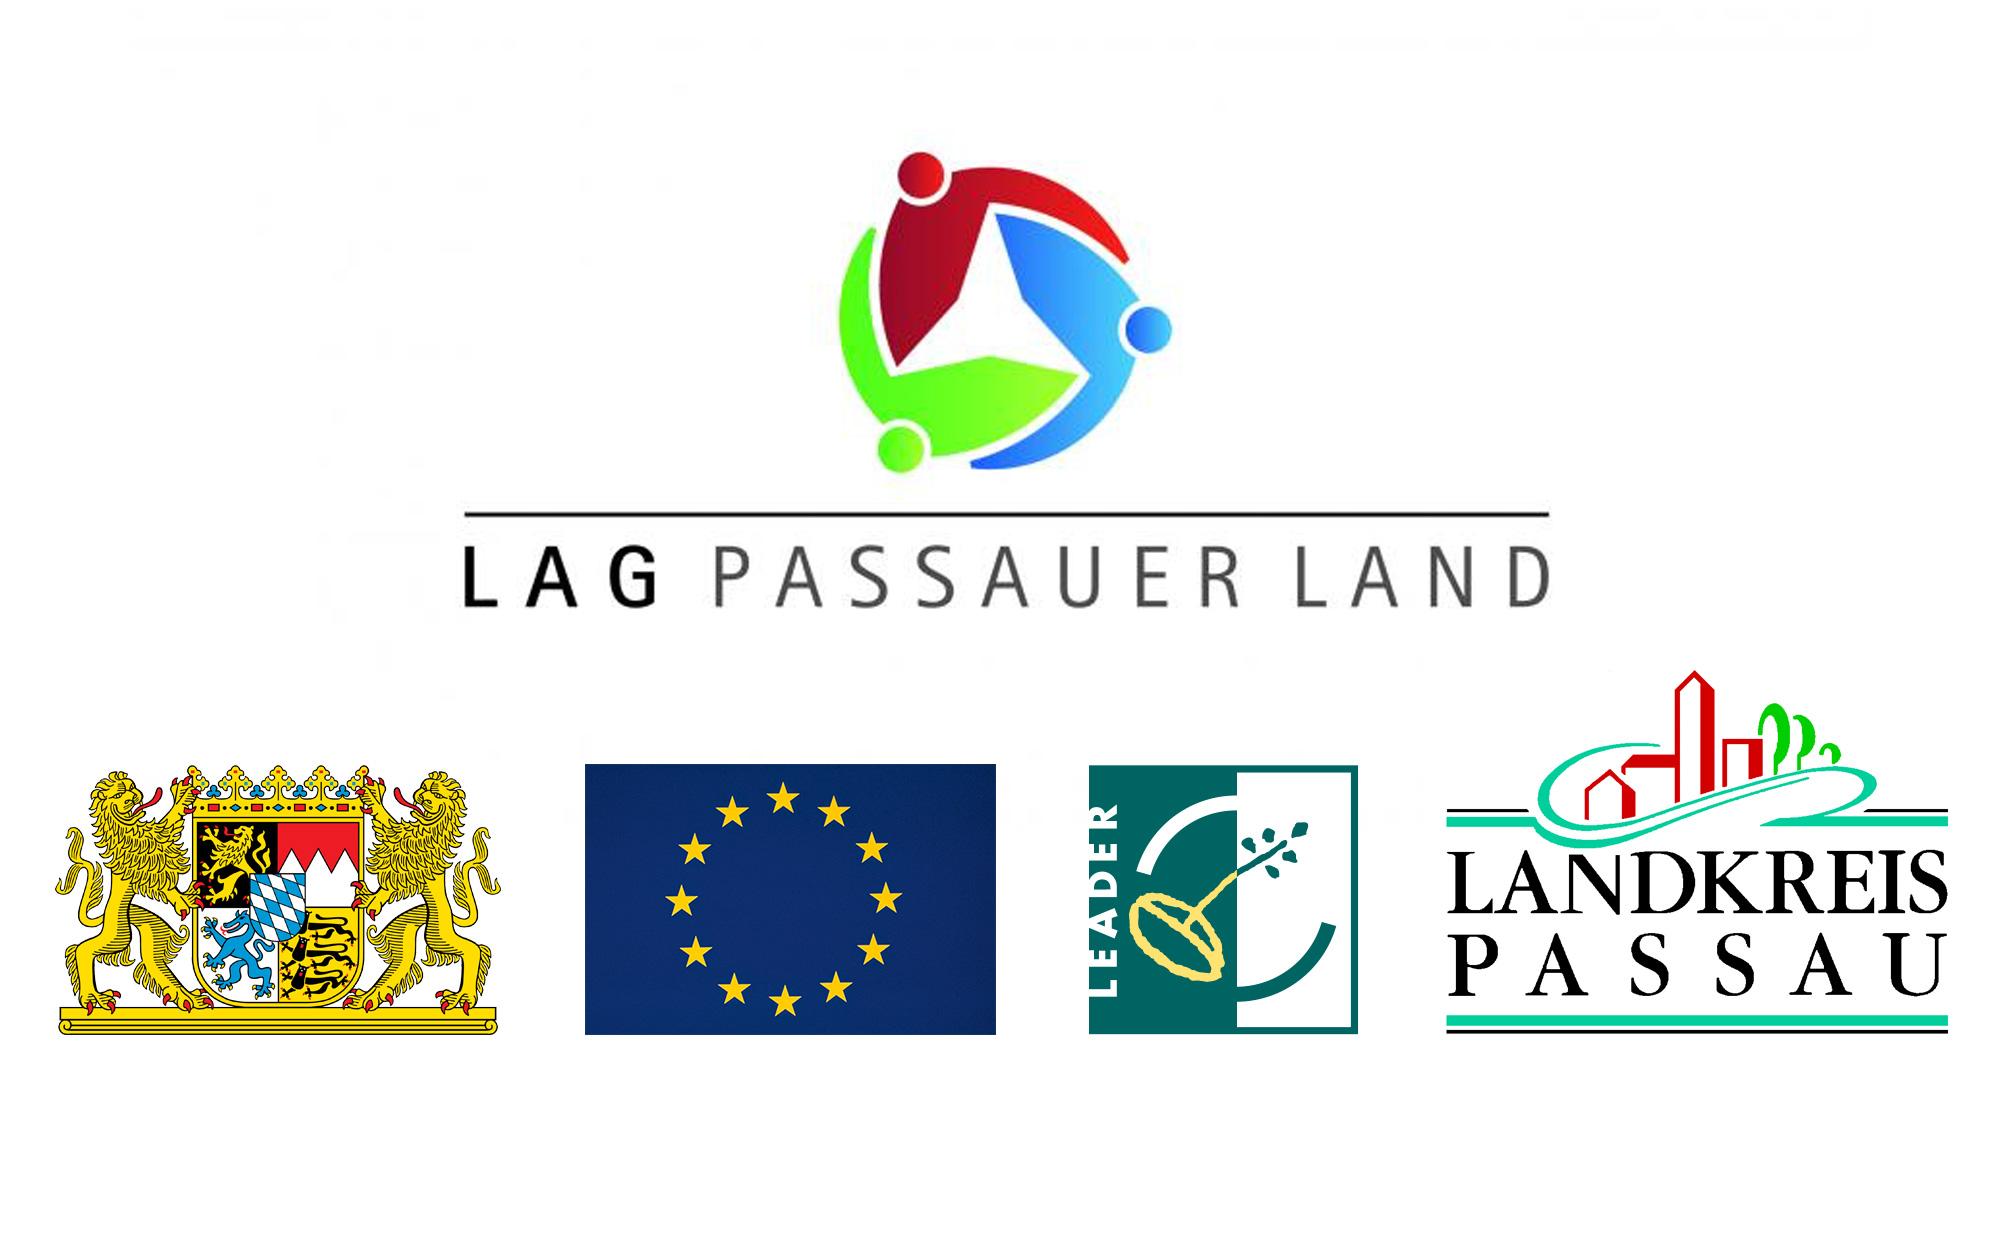 Leader-Aktionsgruppe Passauer Land e.V. unterstützt Projekte im Landkreis Passau